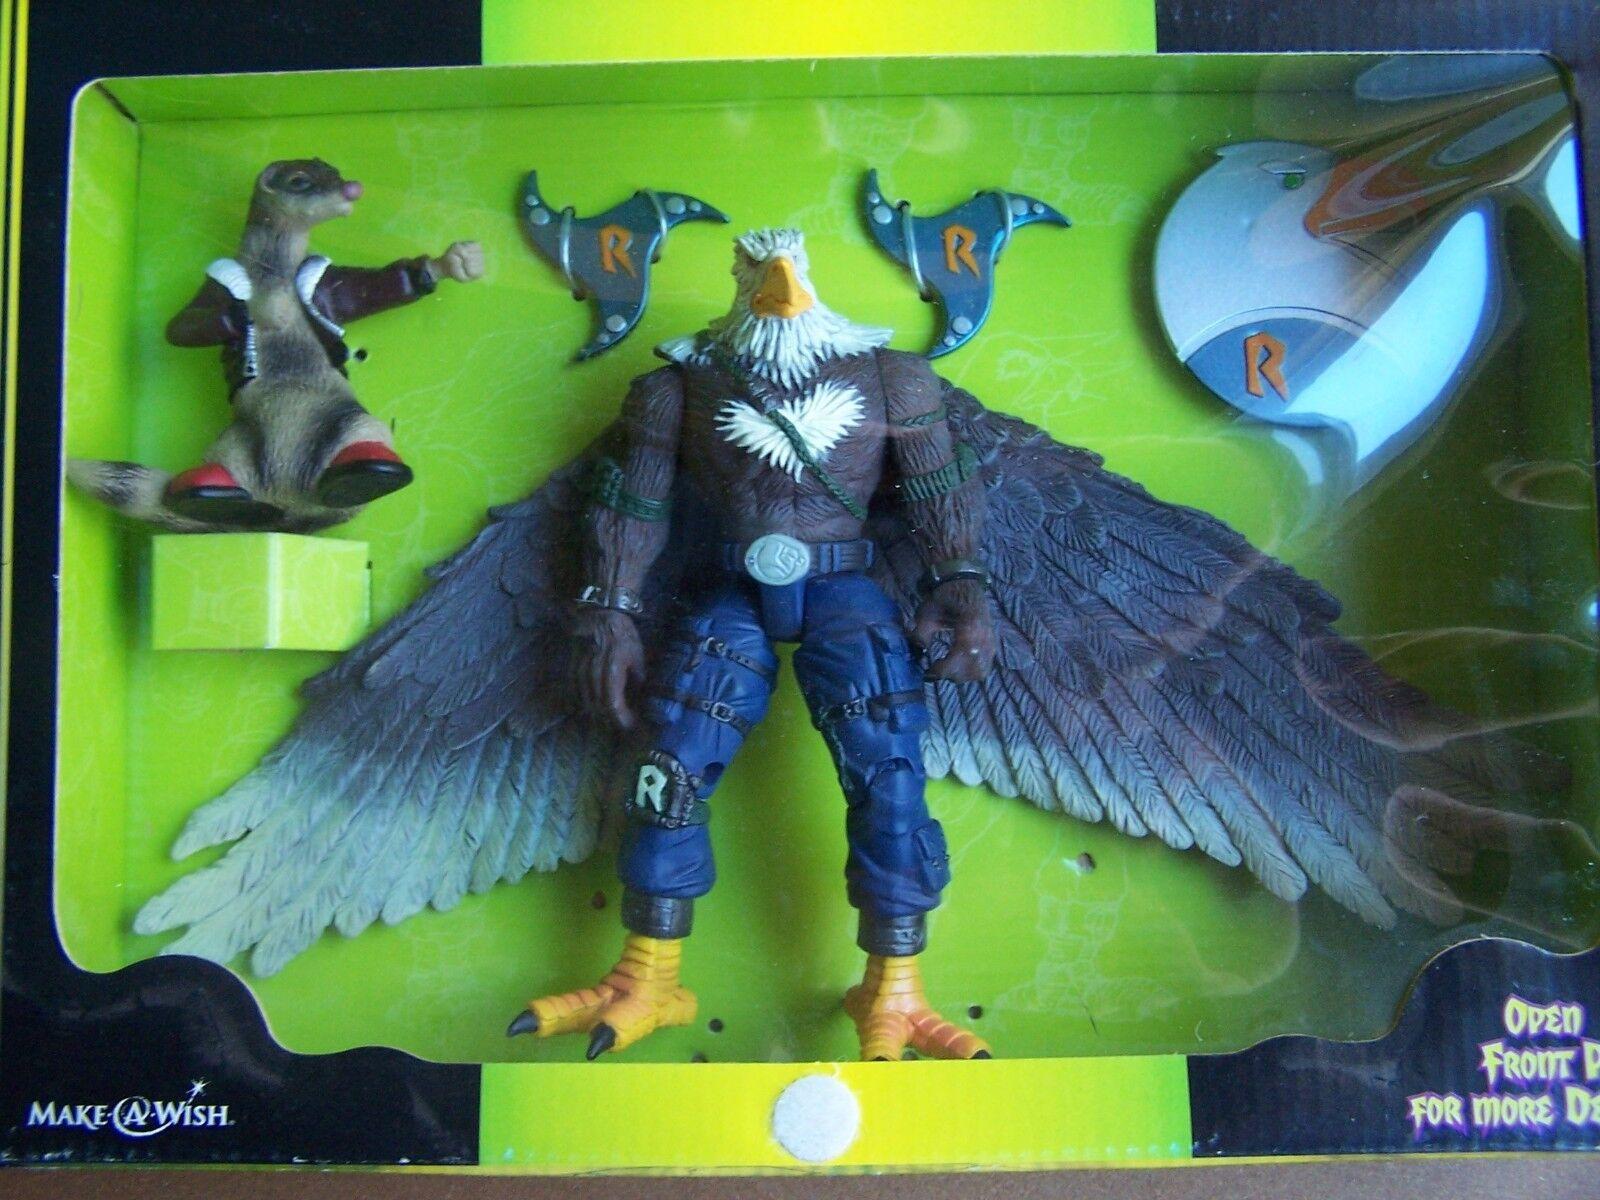 RAZOR Eagle USA KB Exclusive Make A Wish Boxed Complete SUPER RARE HTF OOP LTD